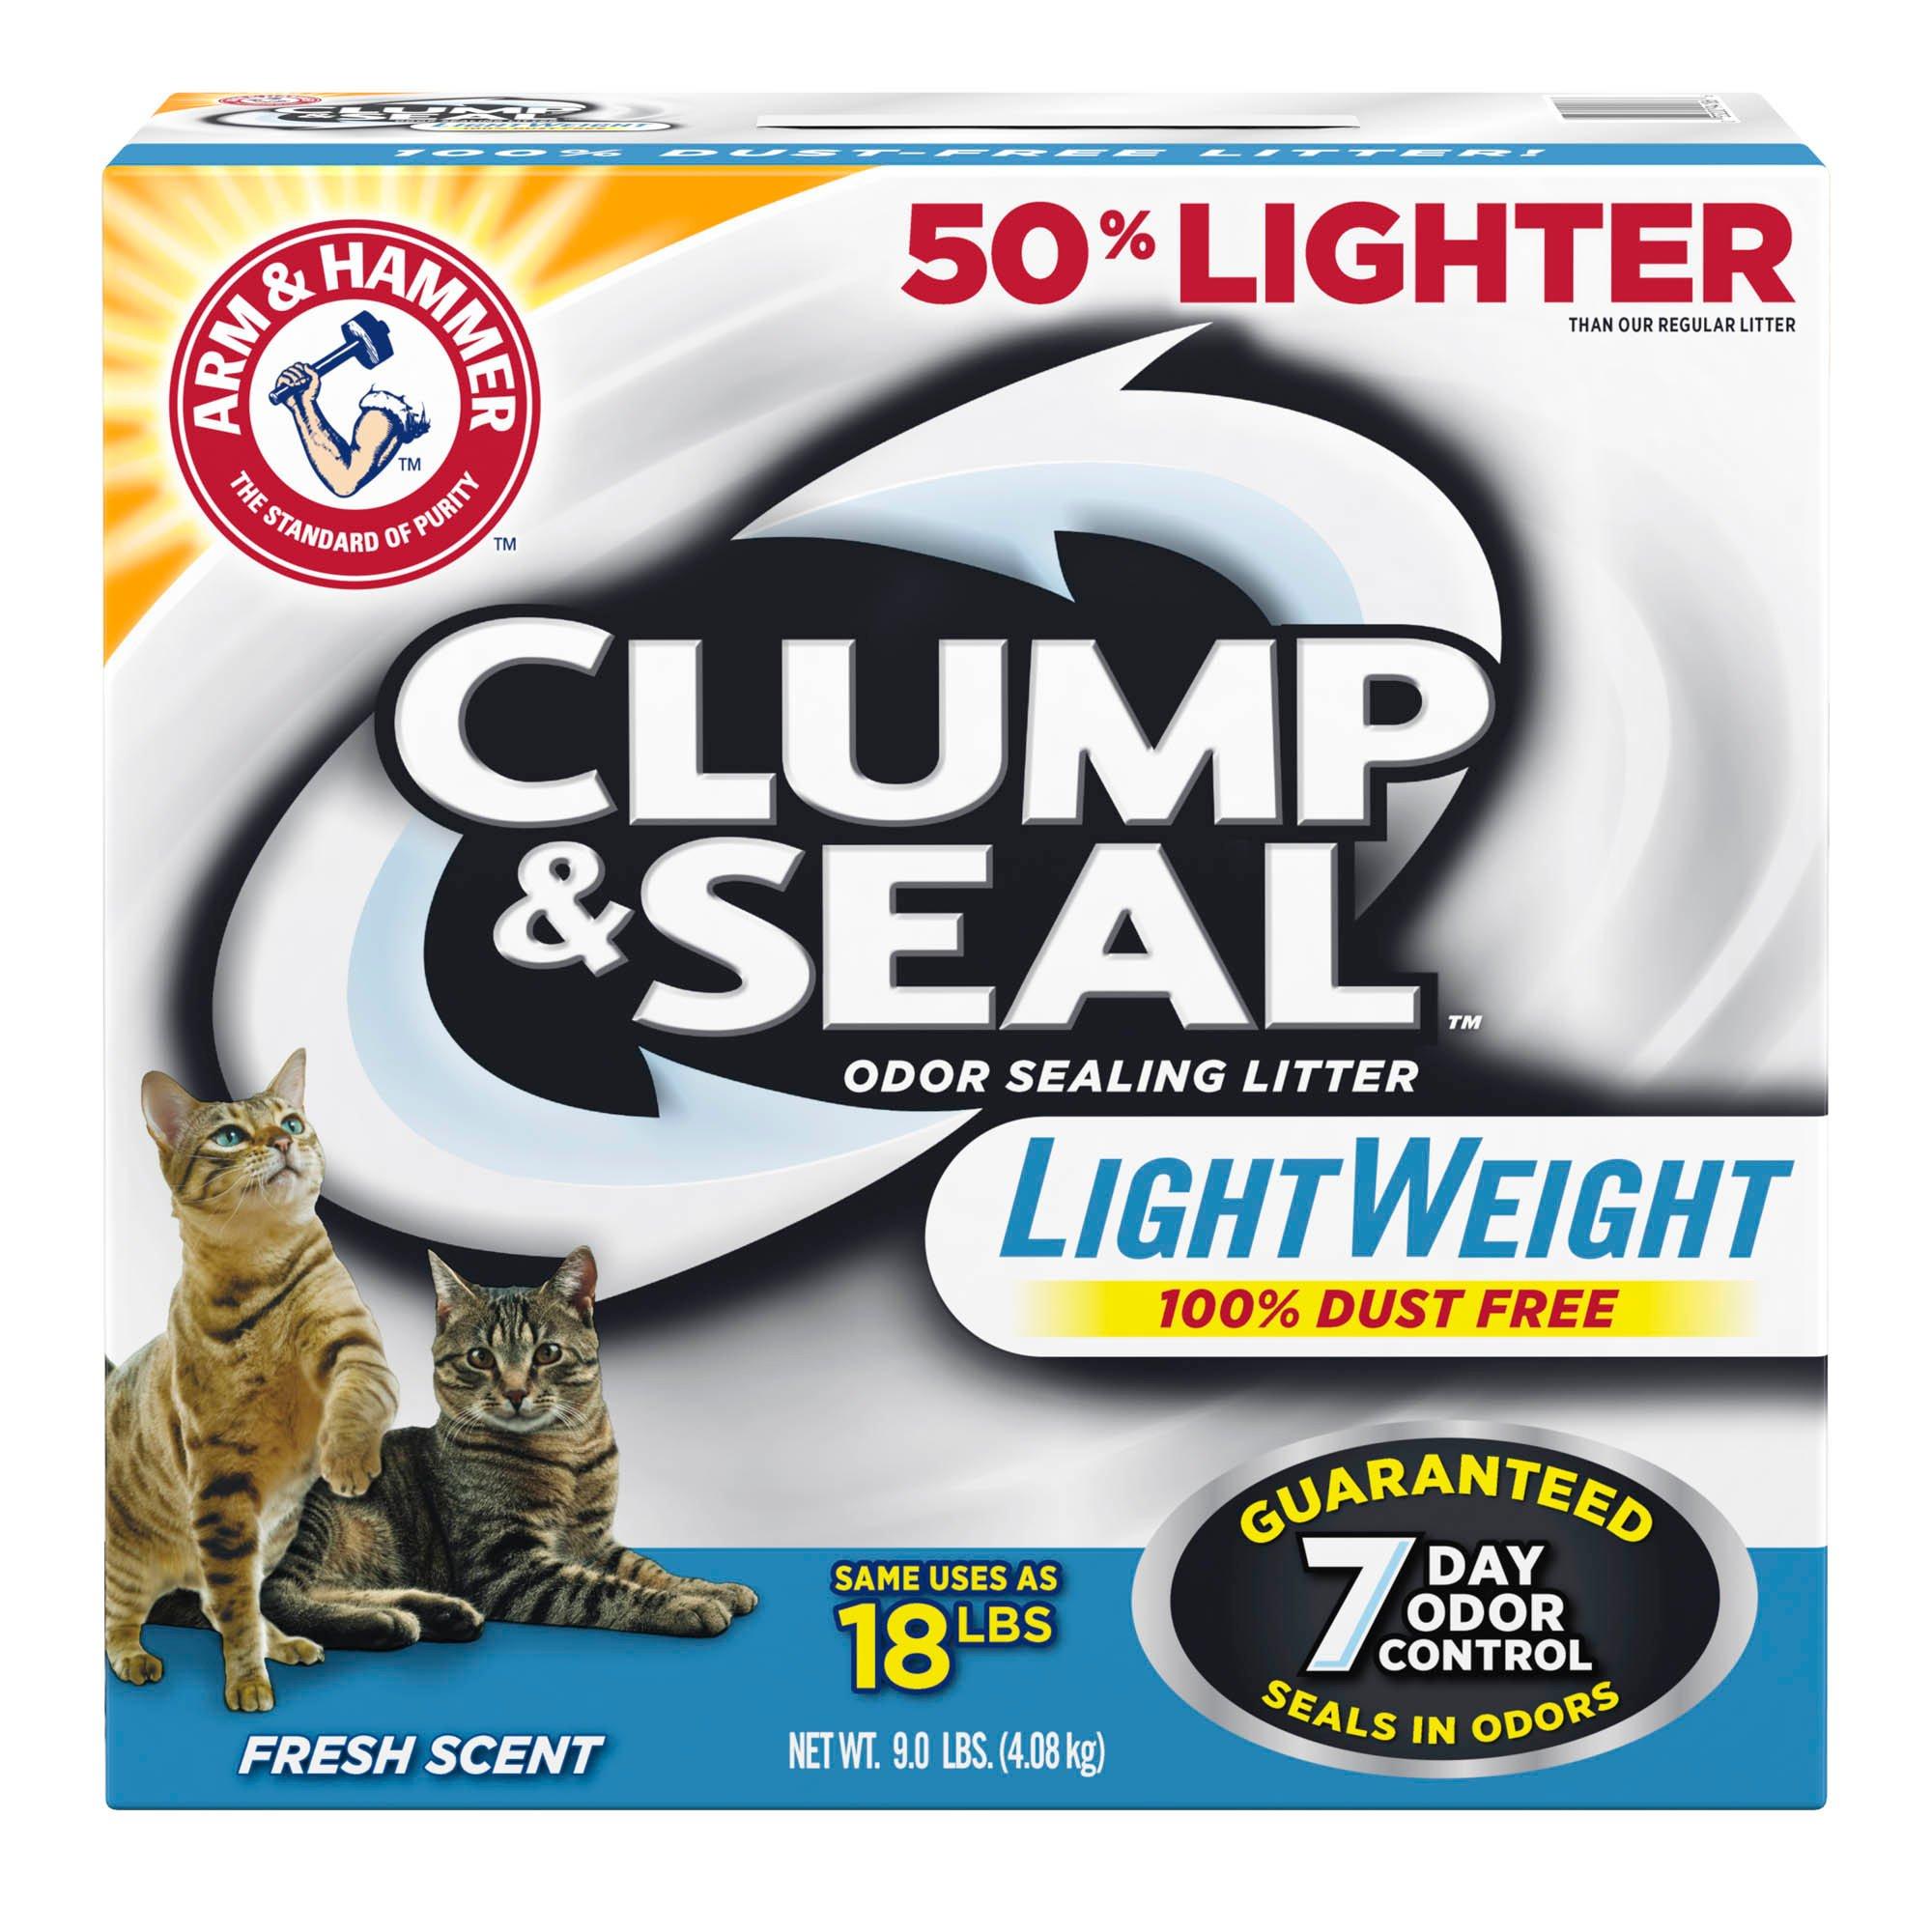 Arm & Hammer Clump & Seal Lightweight Odor Sealing Cat Litter